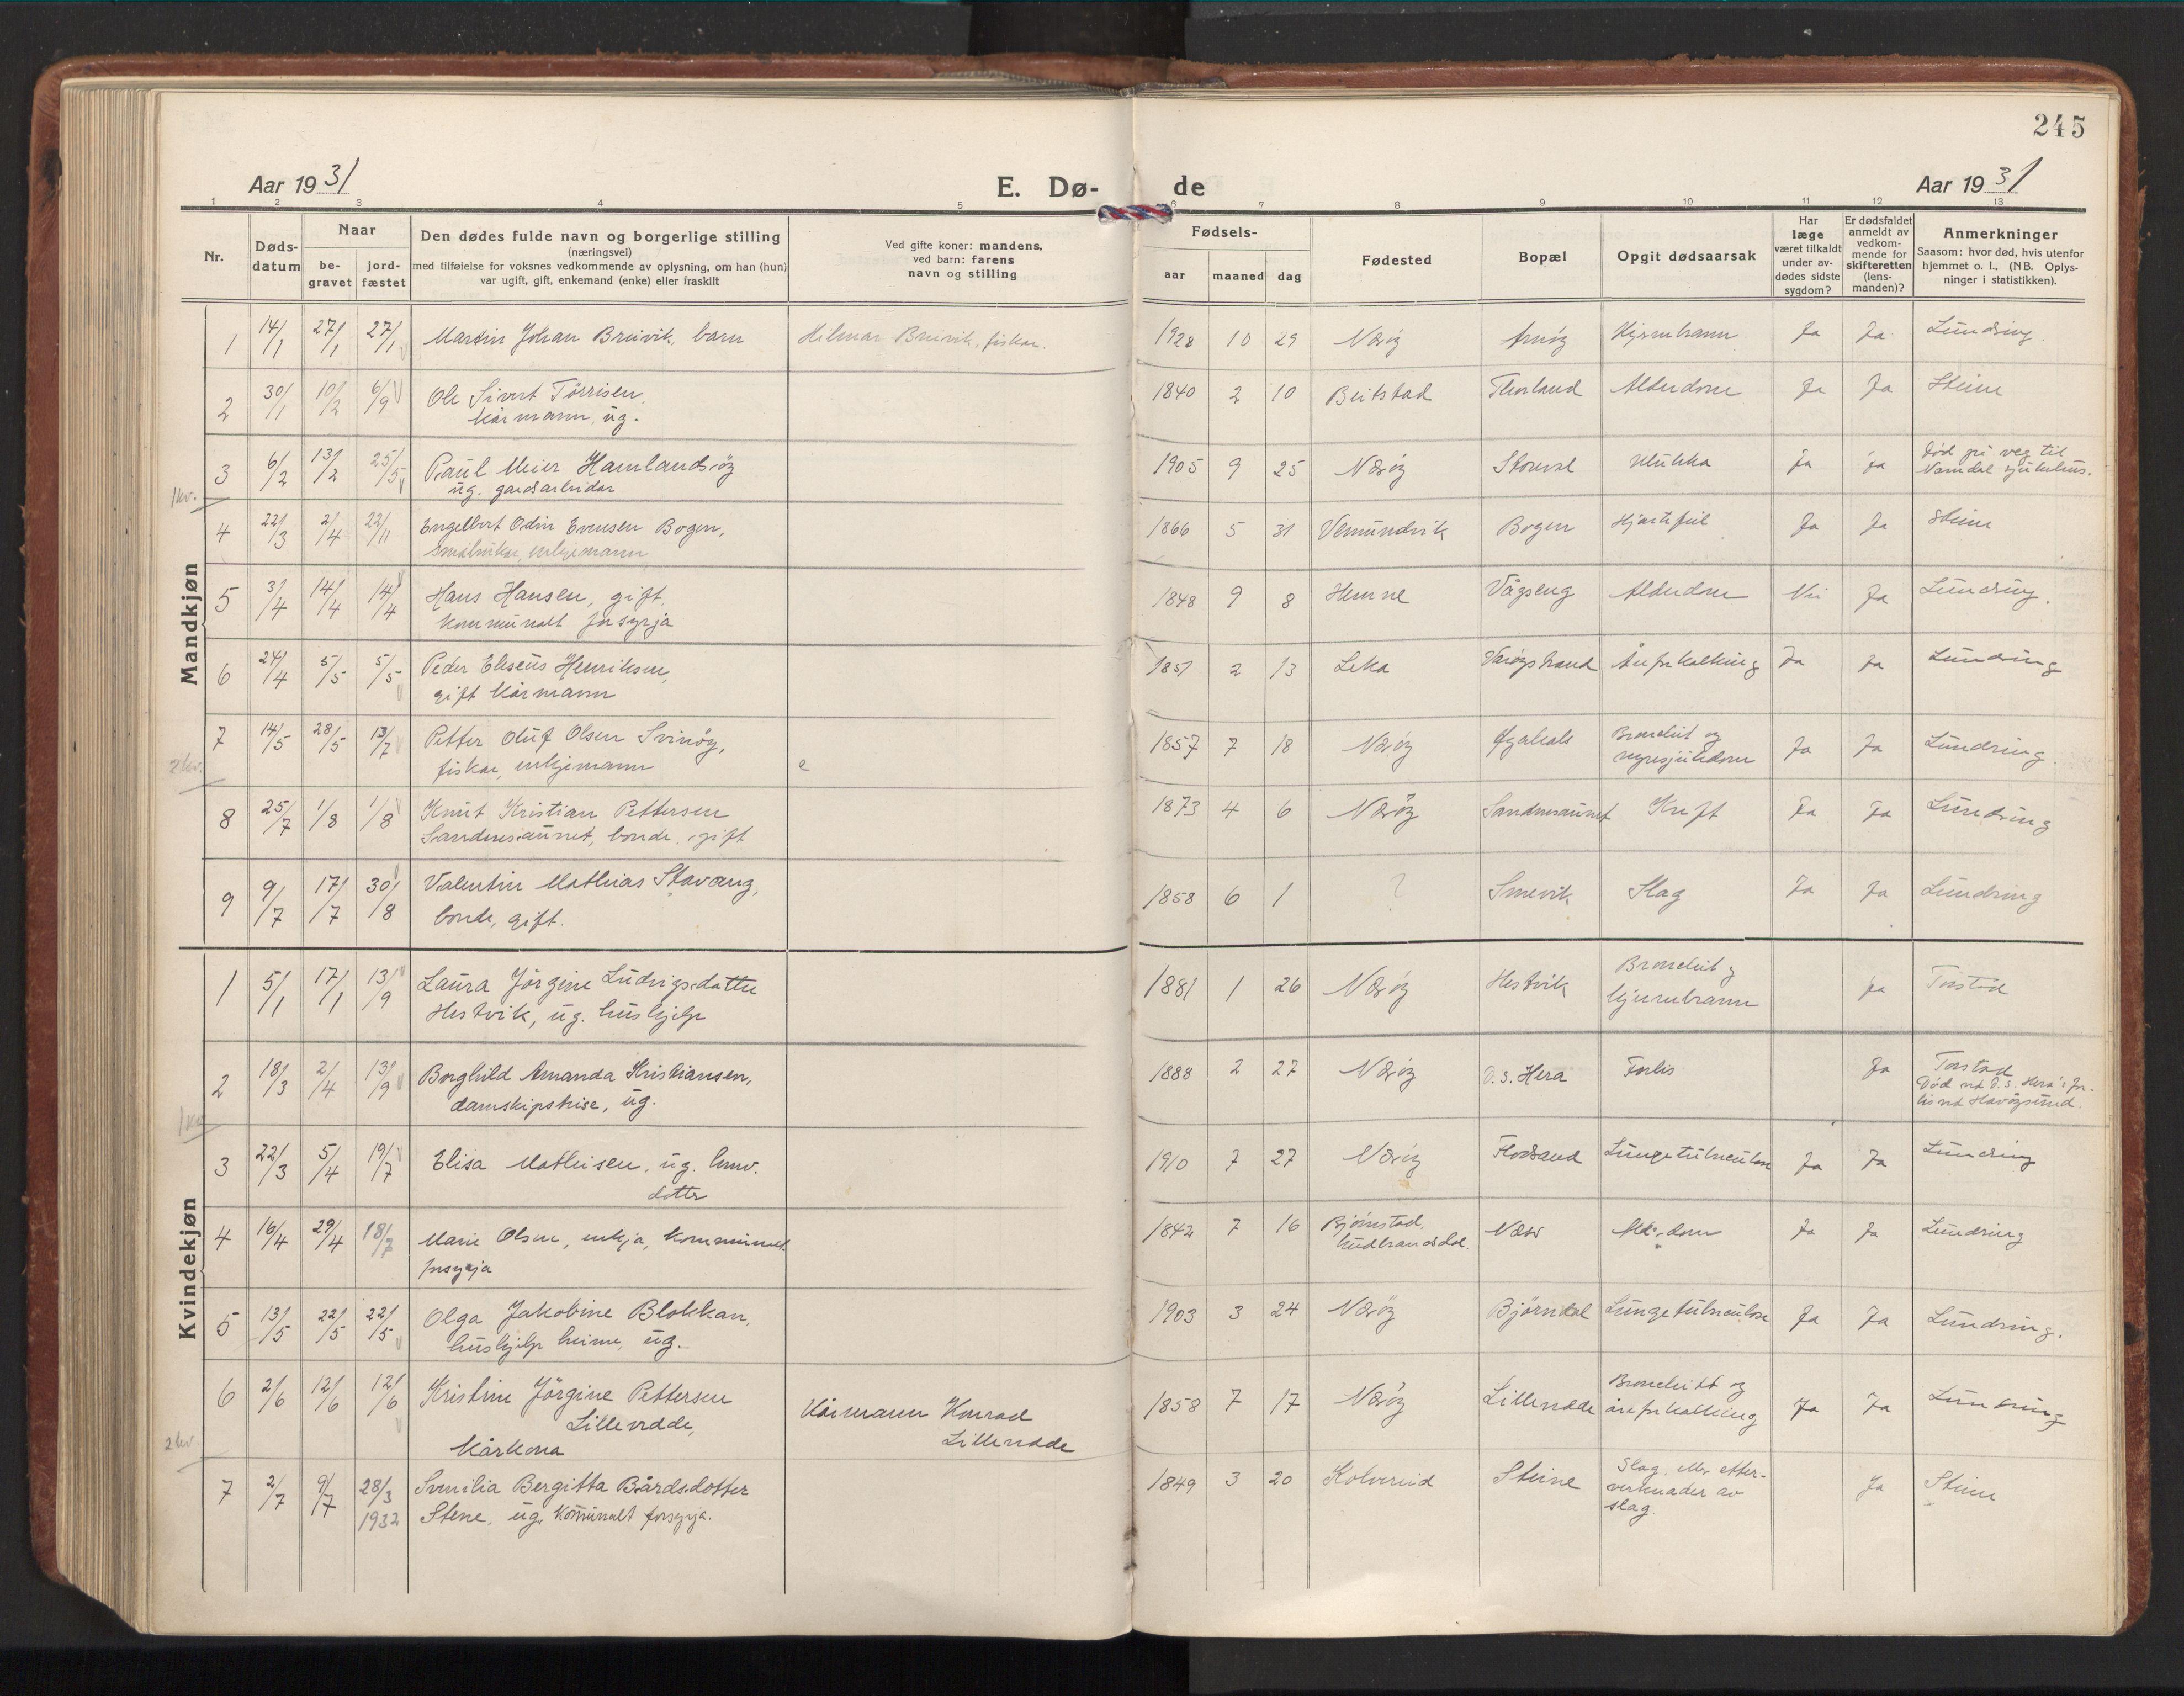 SAT, Ministerialprotokoller, klokkerbøker og fødselsregistre - Nord-Trøndelag, 784/L0678: Ministerialbok nr. 784A13, 1921-1938, s. 245